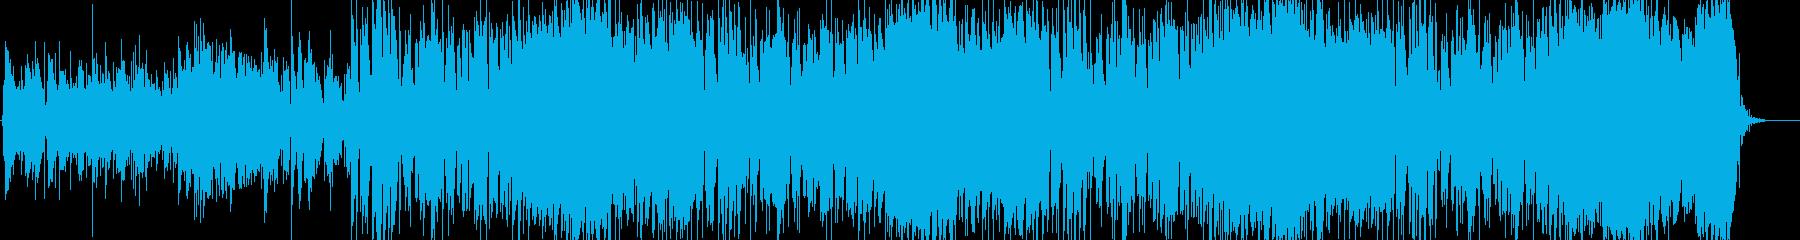 感動的で壮大なゲームBGM。の再生済みの波形